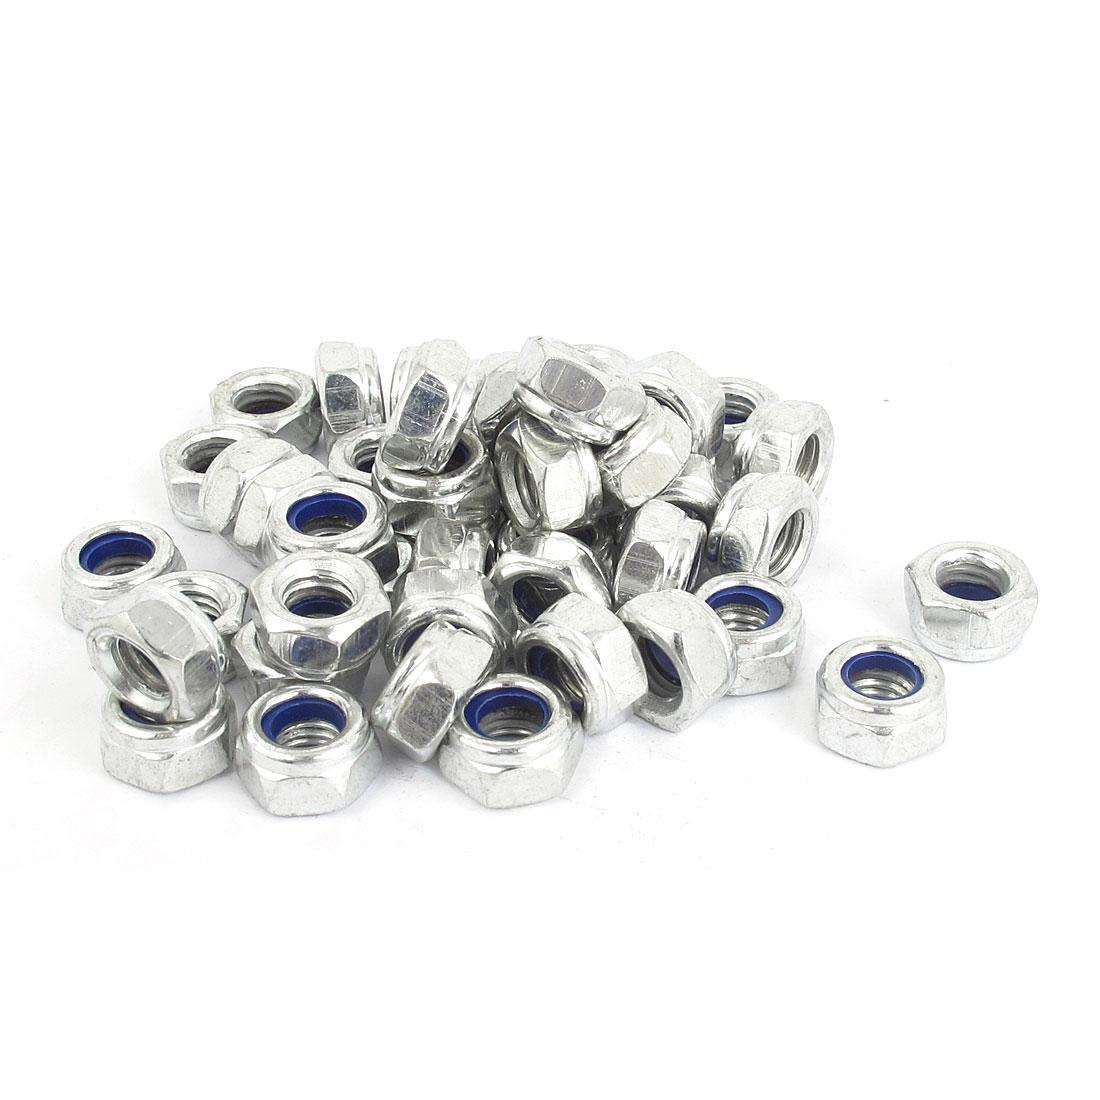 M8x1.25mm Zinc Plated Nylock Self-Locking Nylon Hex Lock Nuts Silver Tone 50pcs